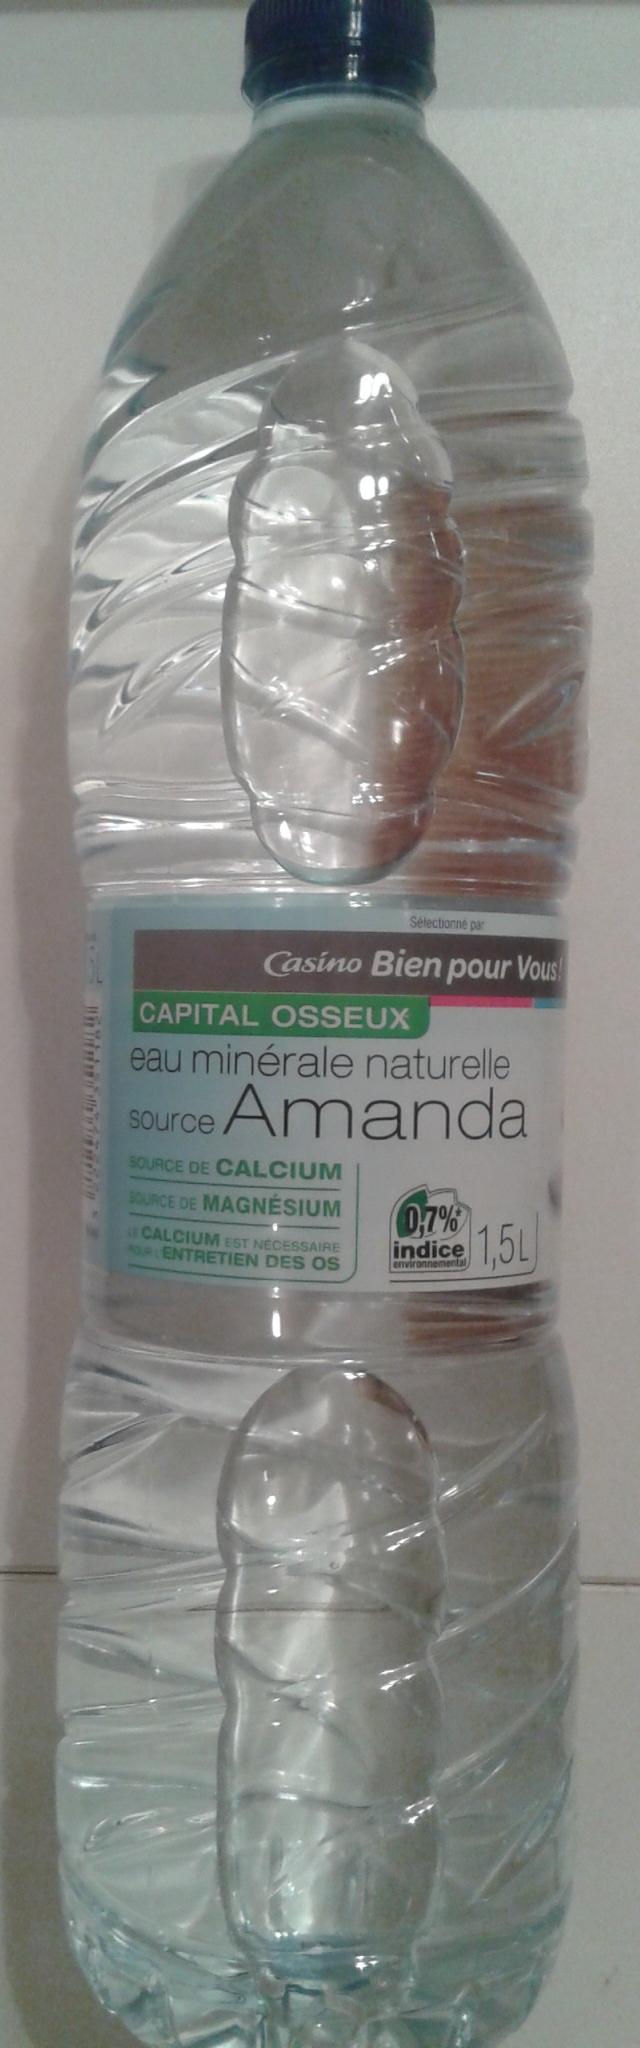 Eau minérale naturelle source Amanda - Product - fr